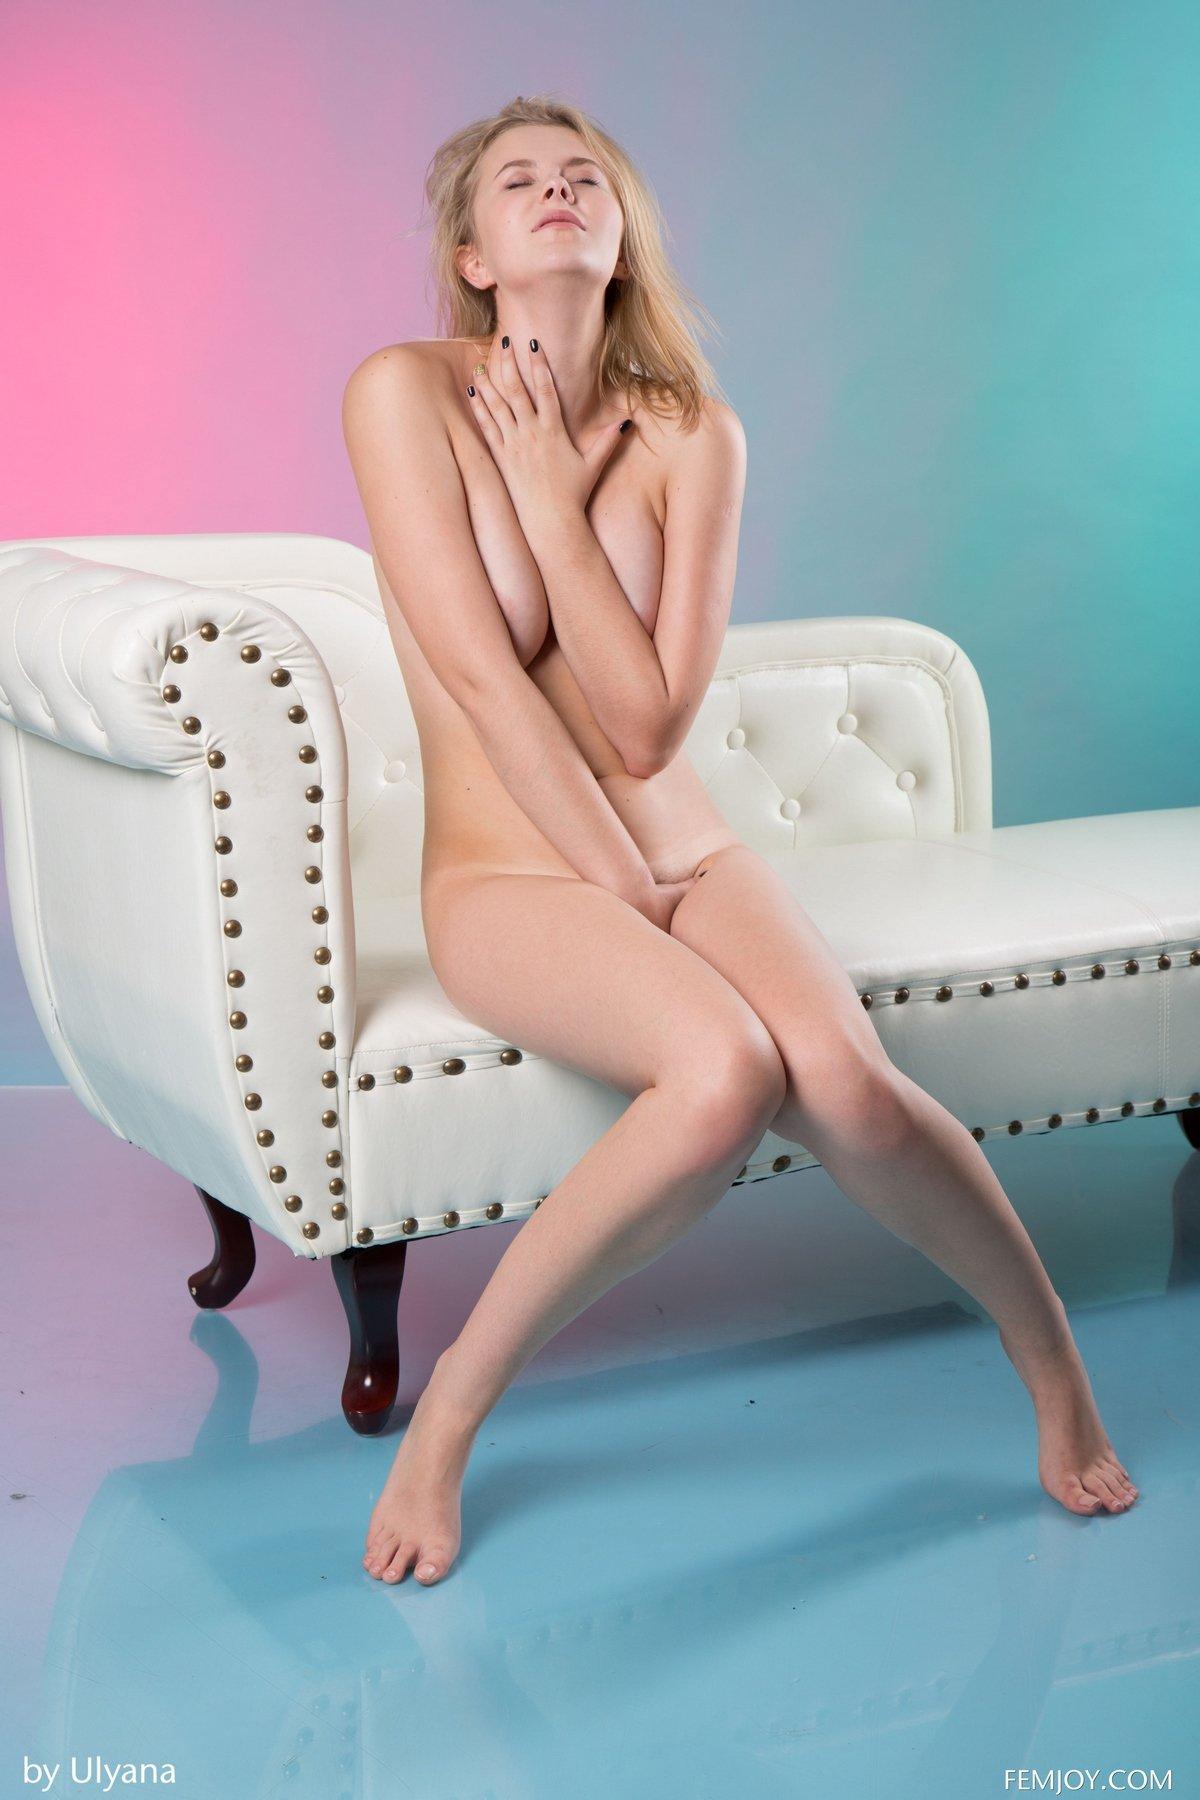 Красивая светлая порноактриса показала розовую пилотку